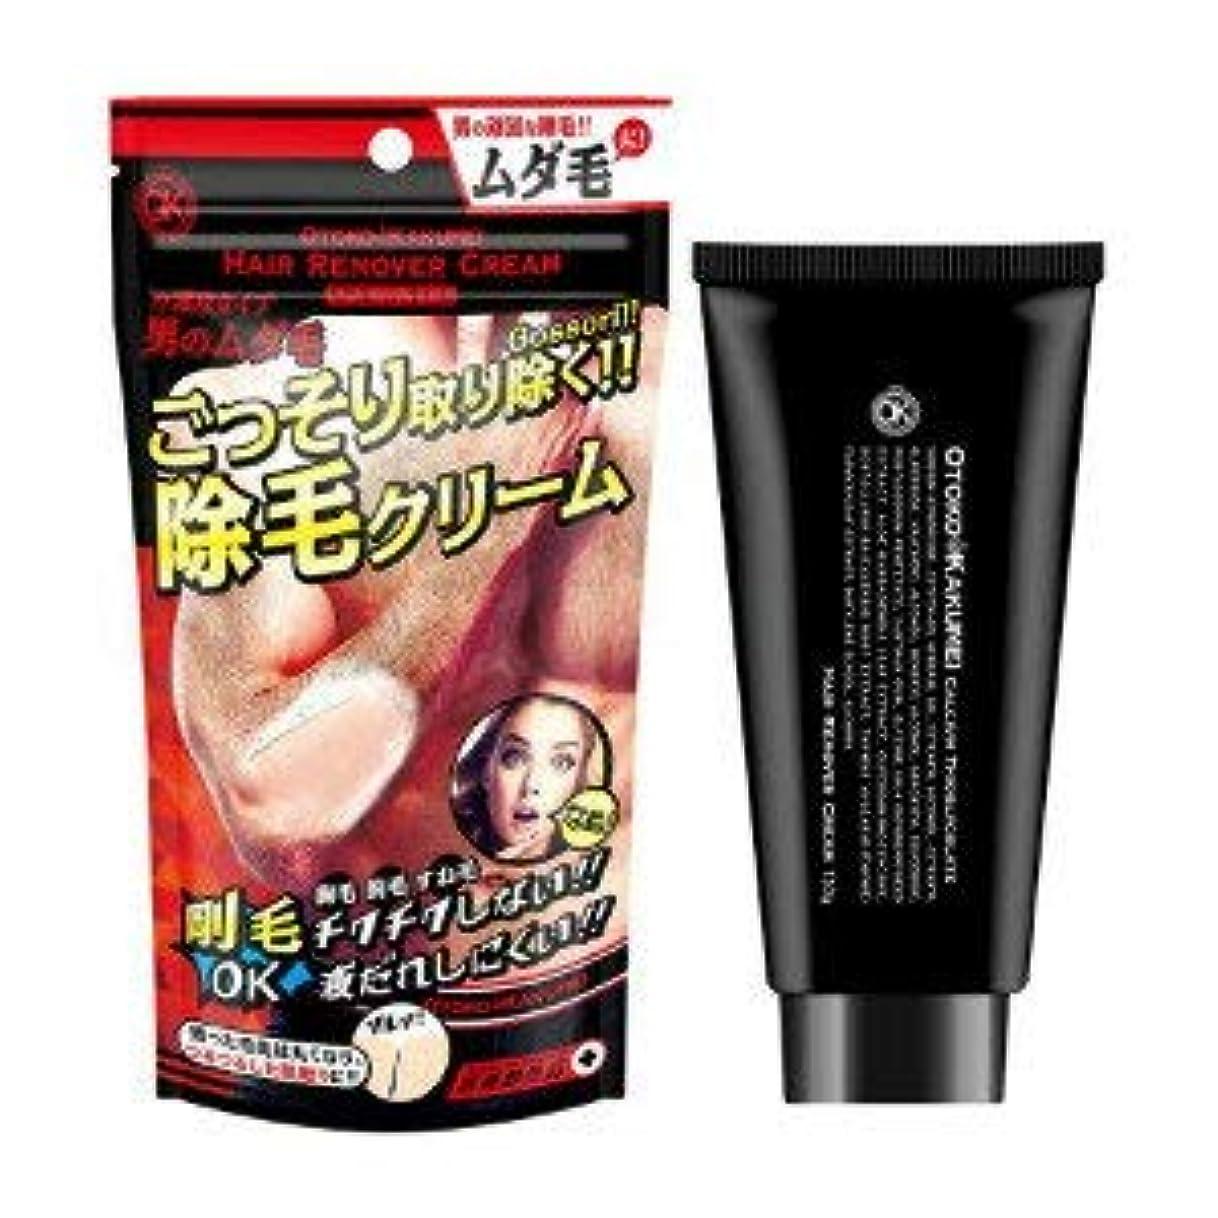 雑多な一時停止栄光のGR OTOKO KAKUMEI ヘアリムーバークリーム 130g×3個セット (医薬部外品)